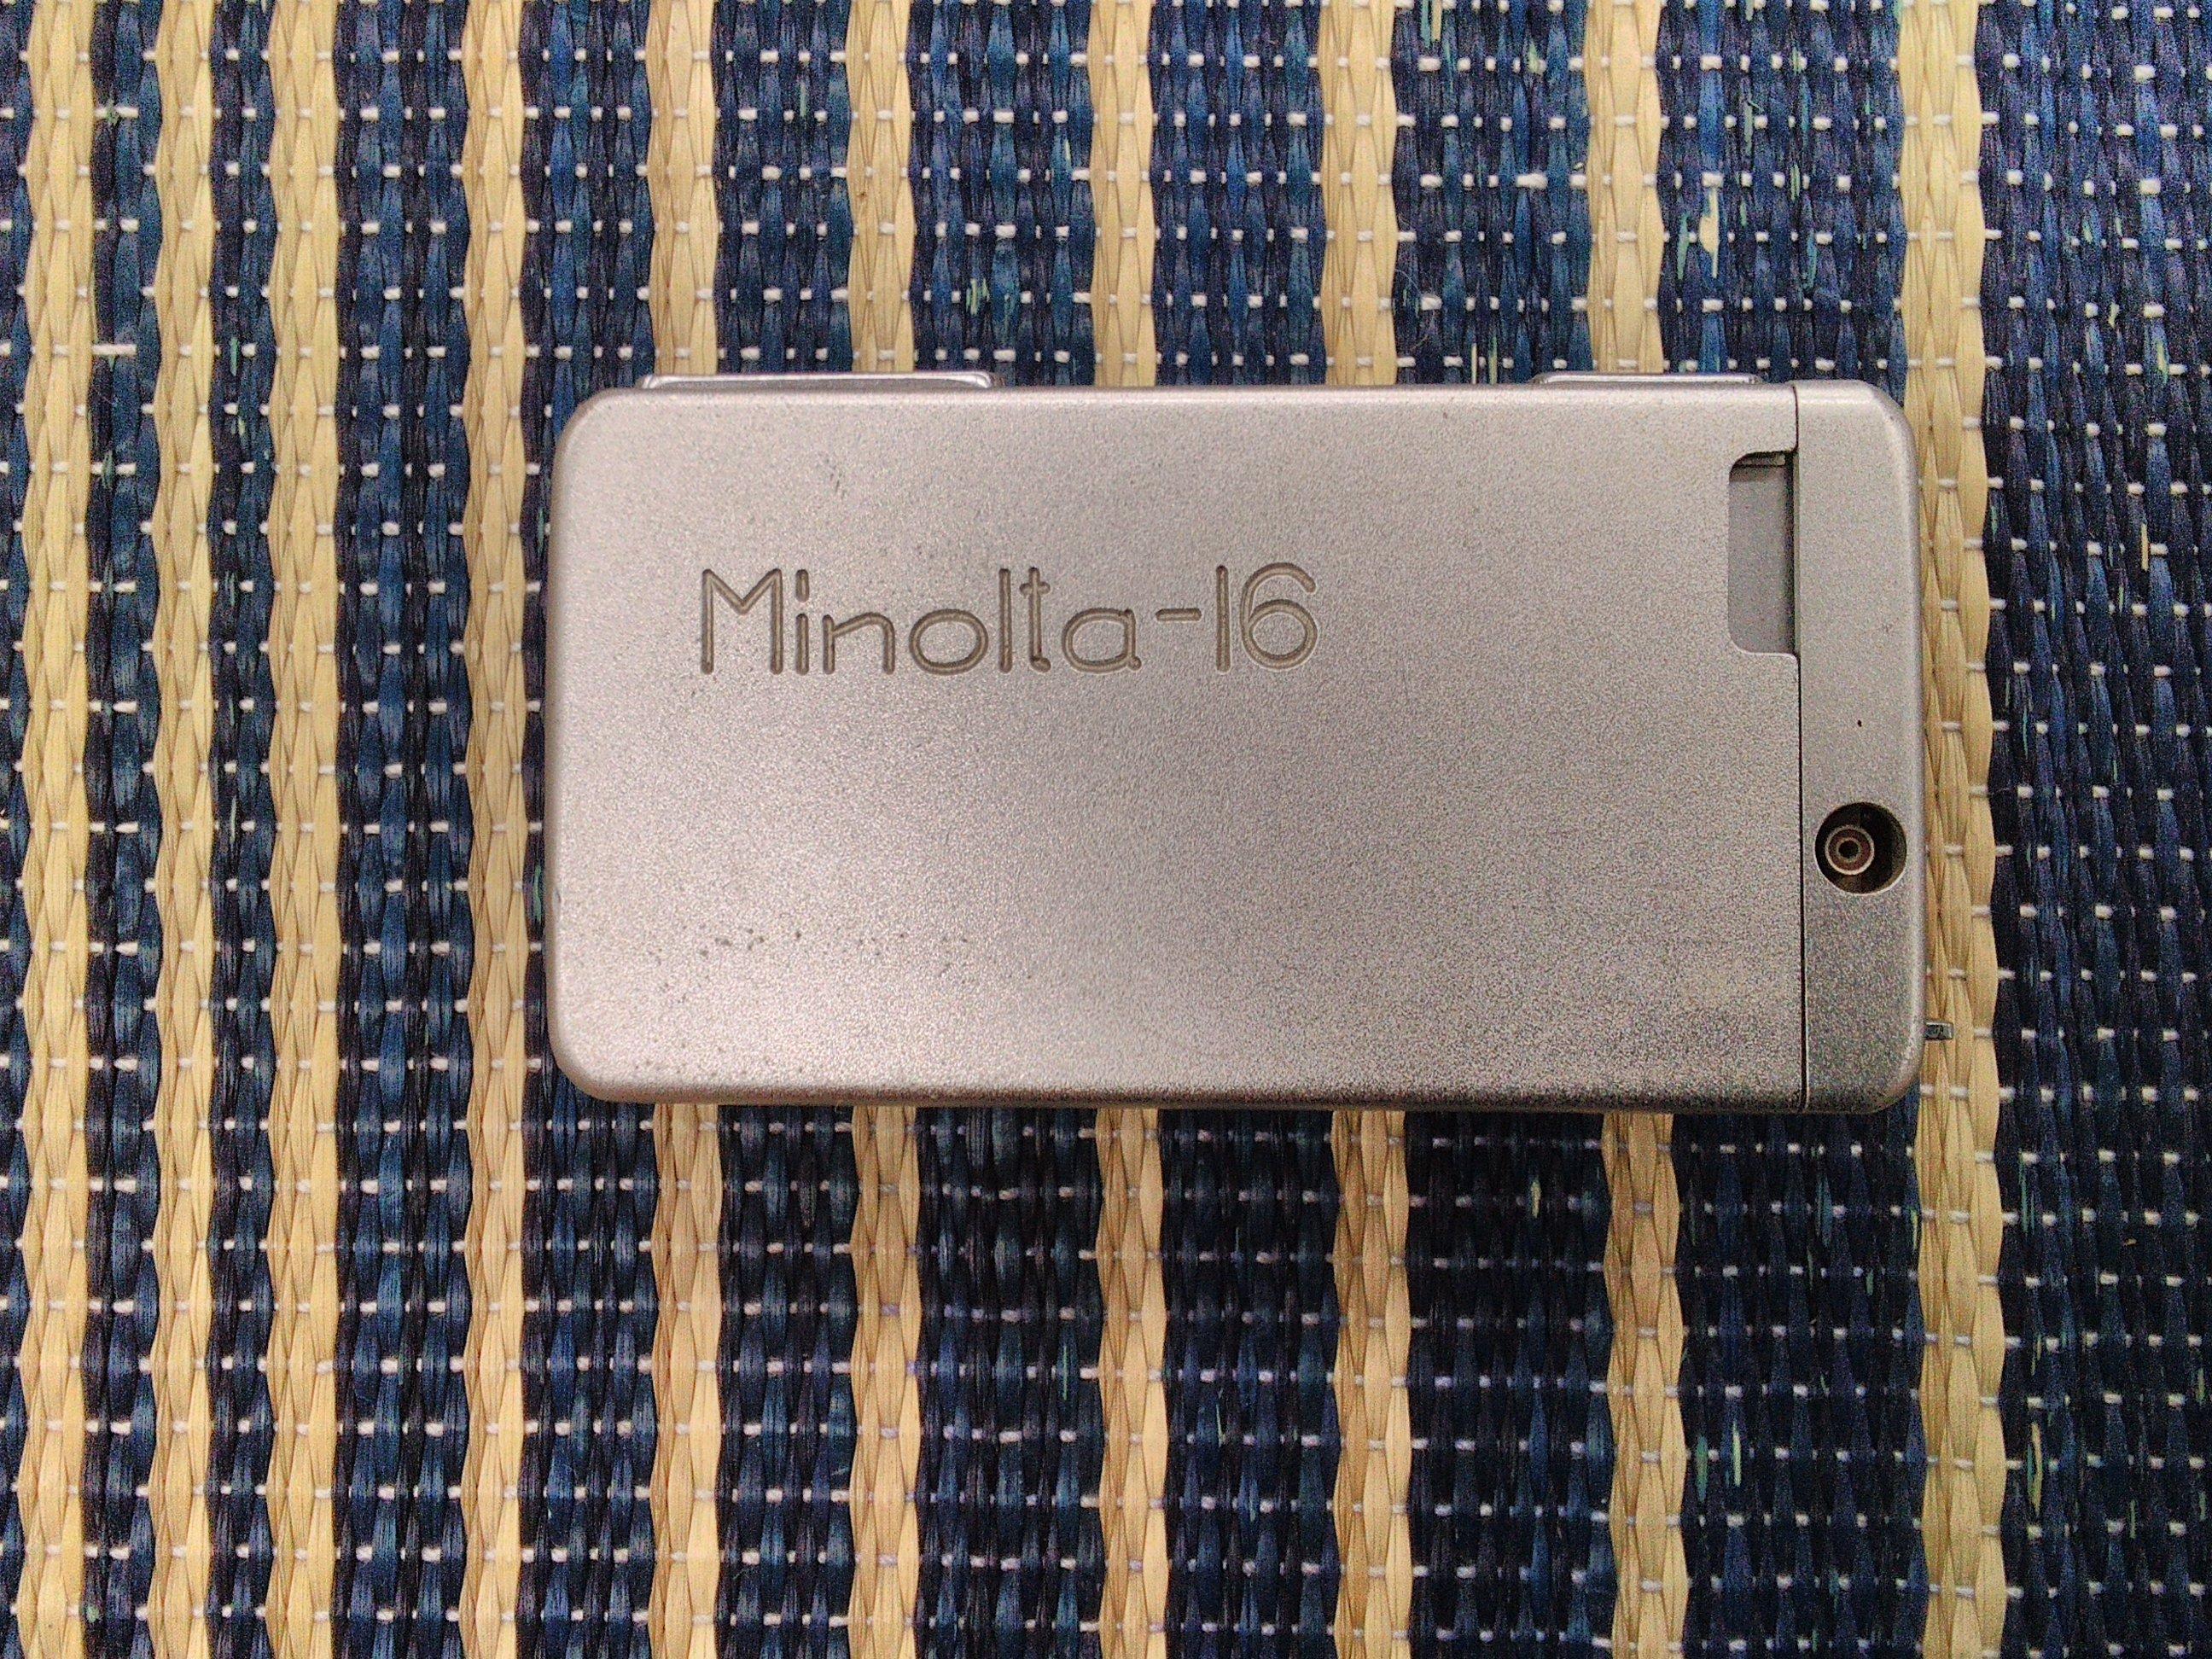 フィルムカメラ|MINOLTA